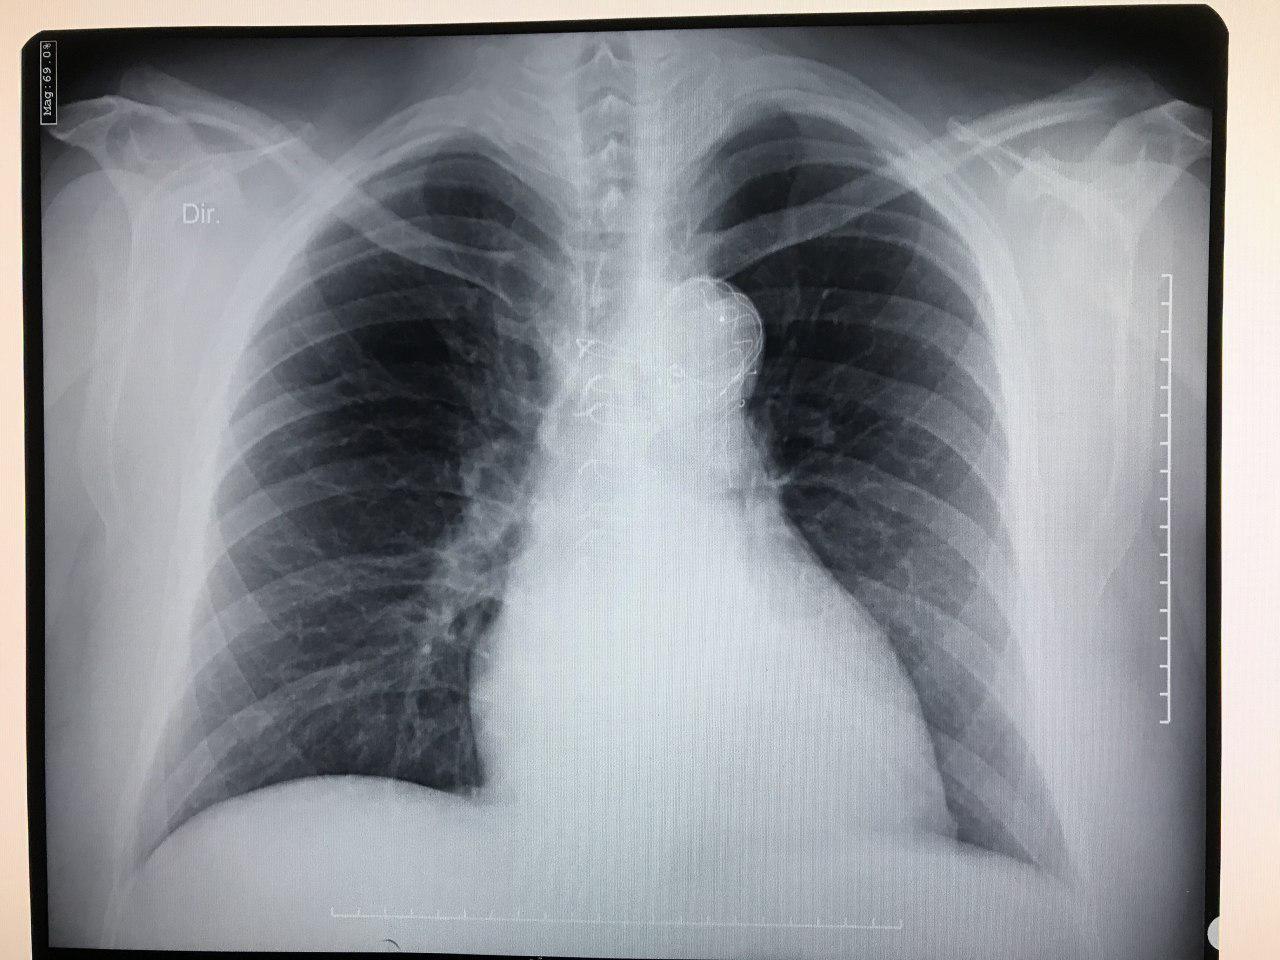 Paciente de 43 años portador de síndrome de Marfan con antecedente de procedimiento de Bentall en 2004 y endoprótesis aórtica en 2013 por disección aórtica